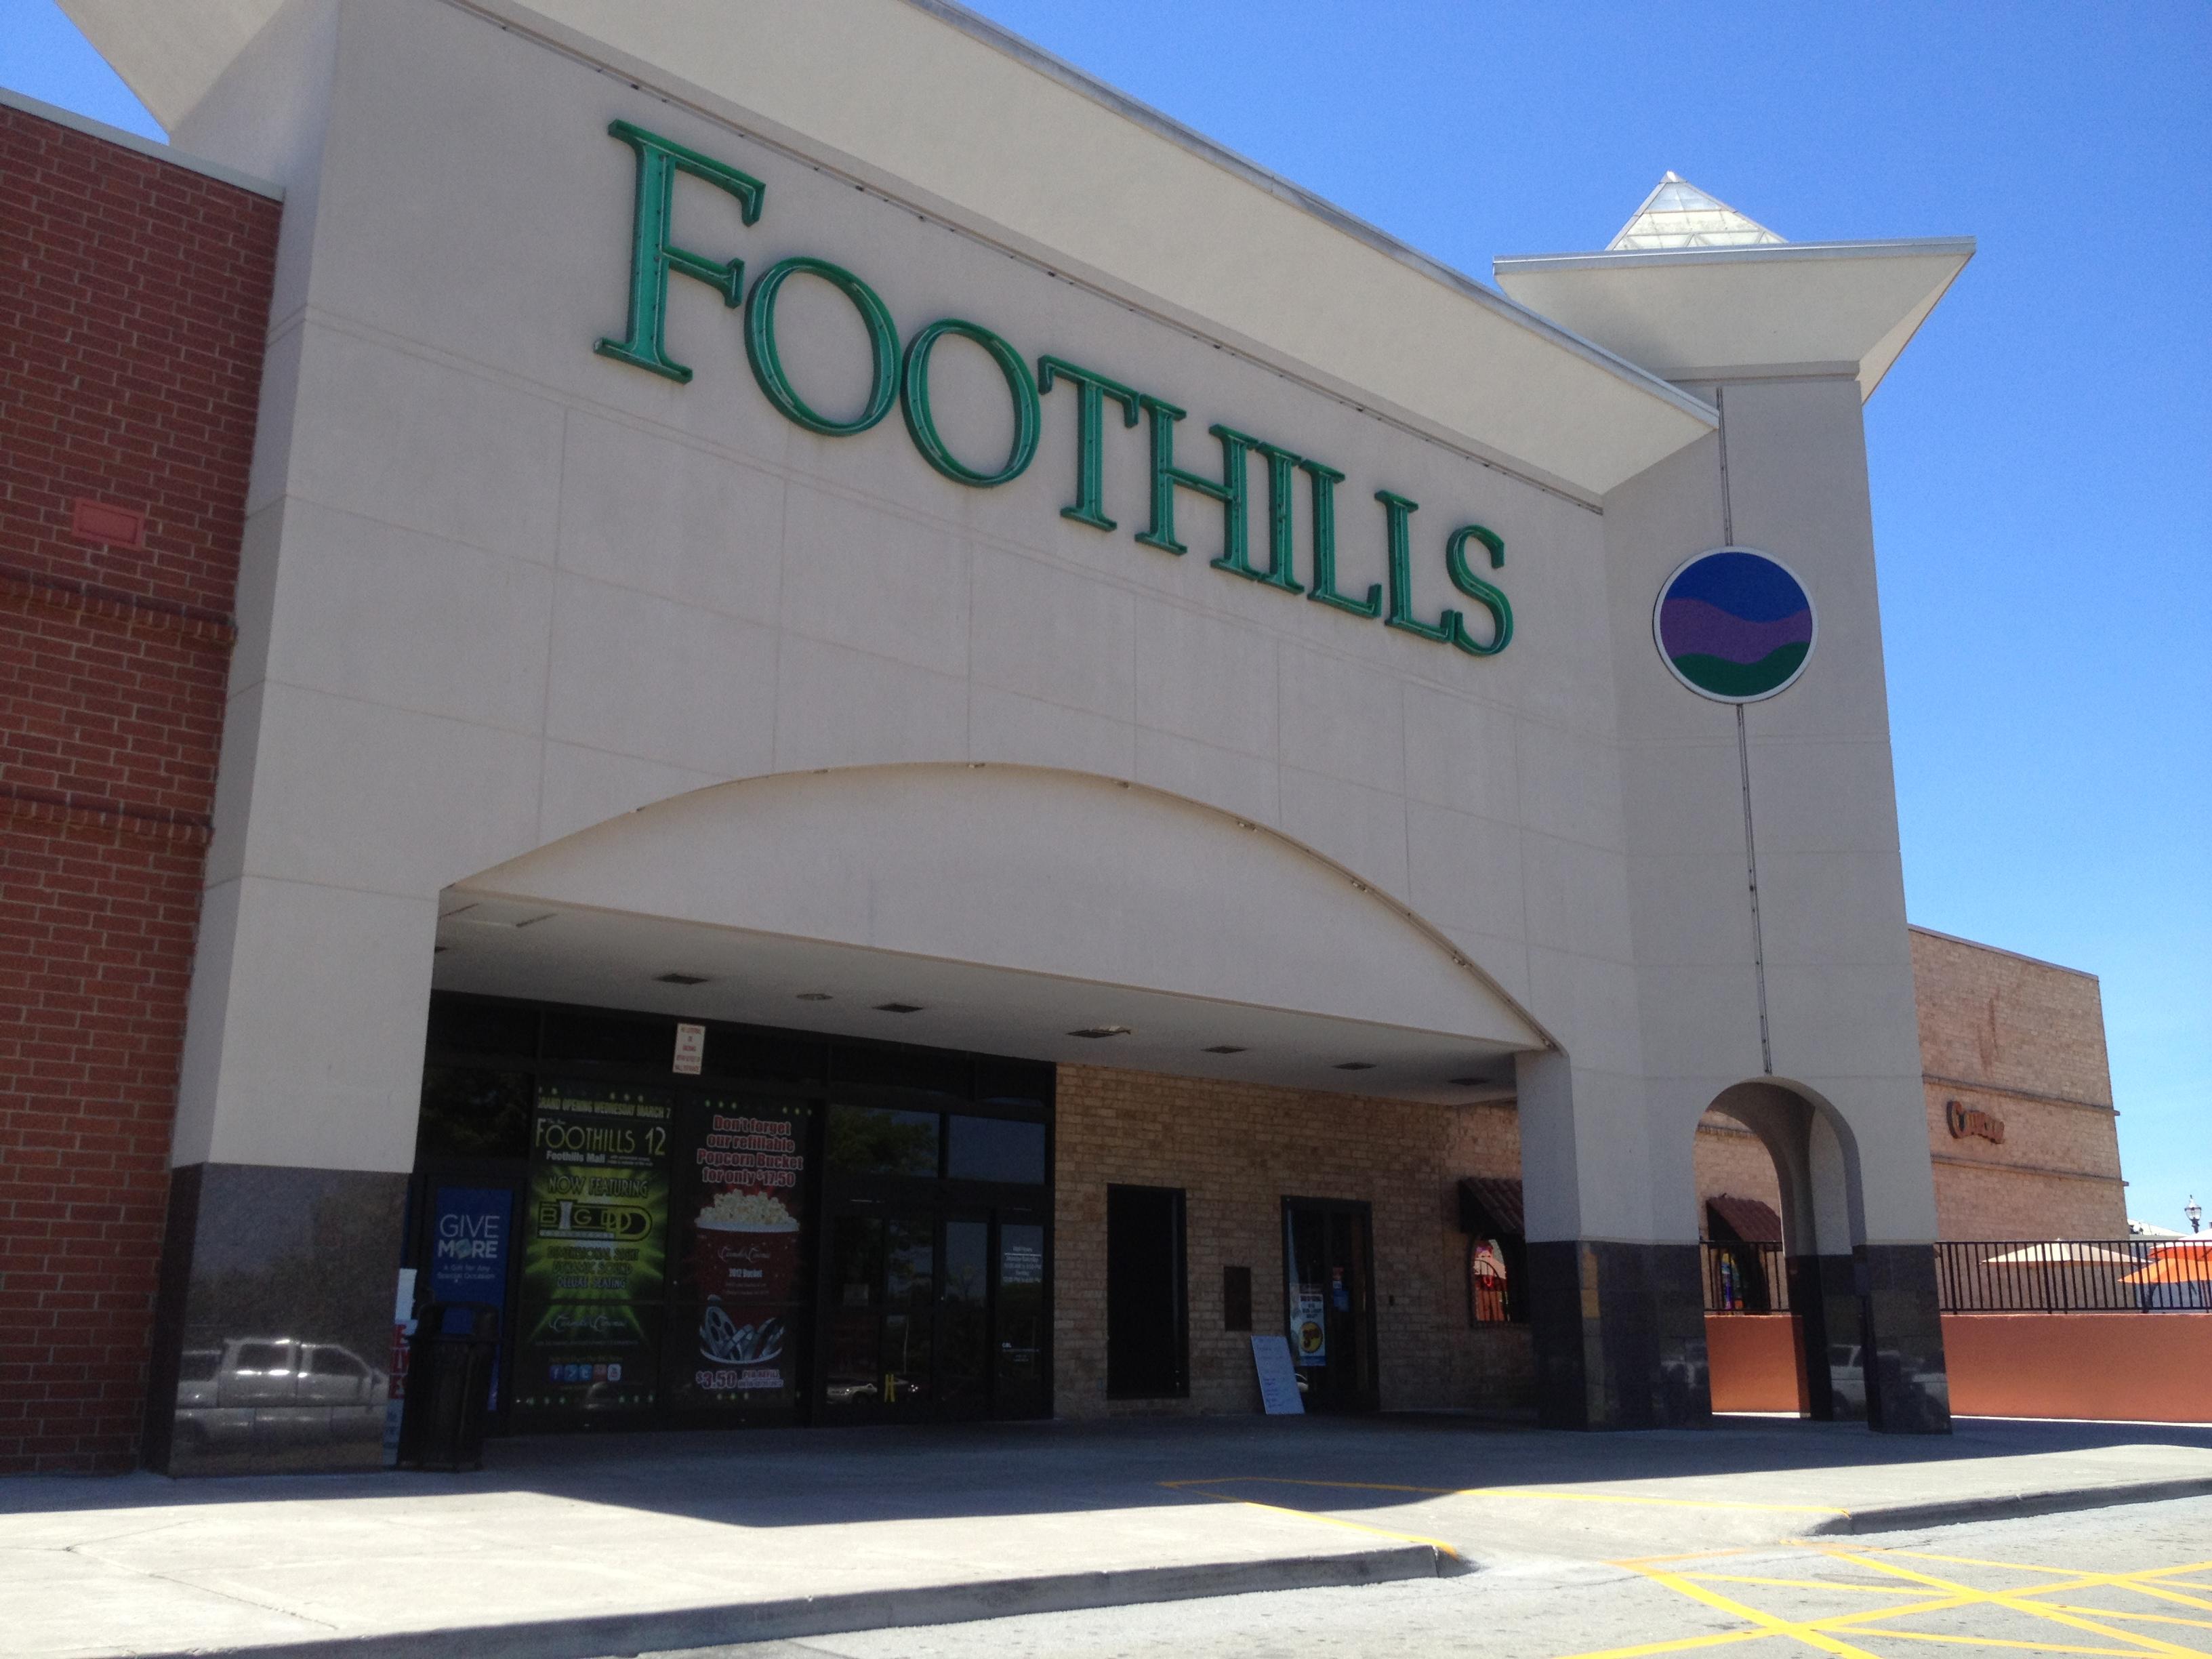 Suburban regional shopping malls